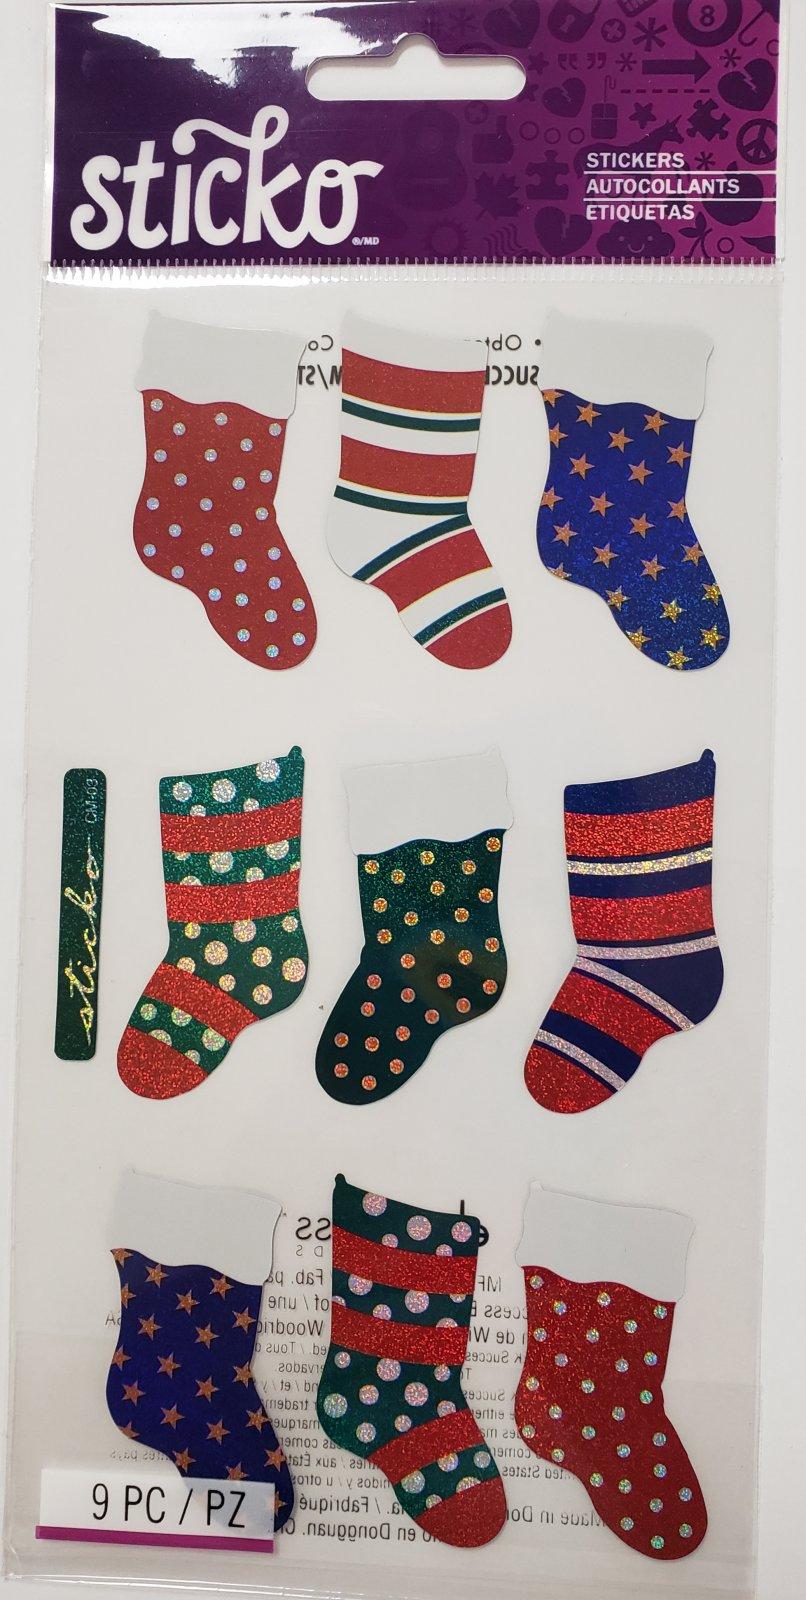 Sticko Christmas Stockings